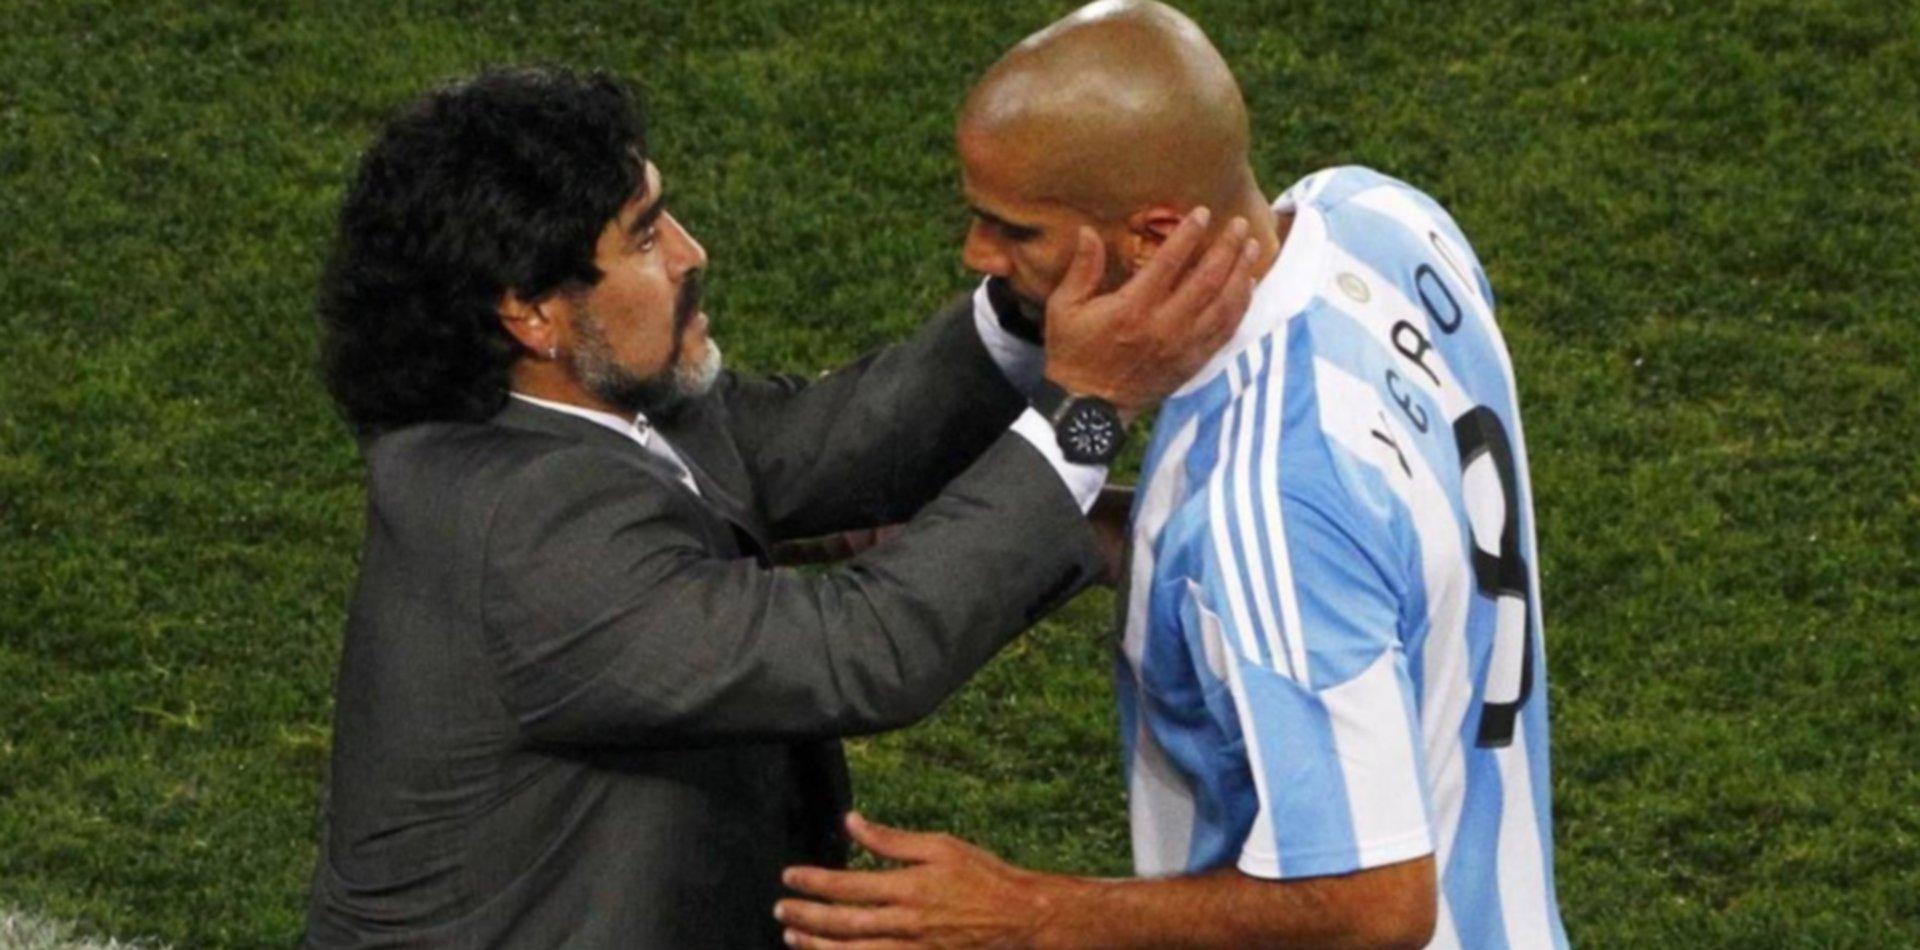 El mensaje de Estudiantes tras la muerte de Maradona